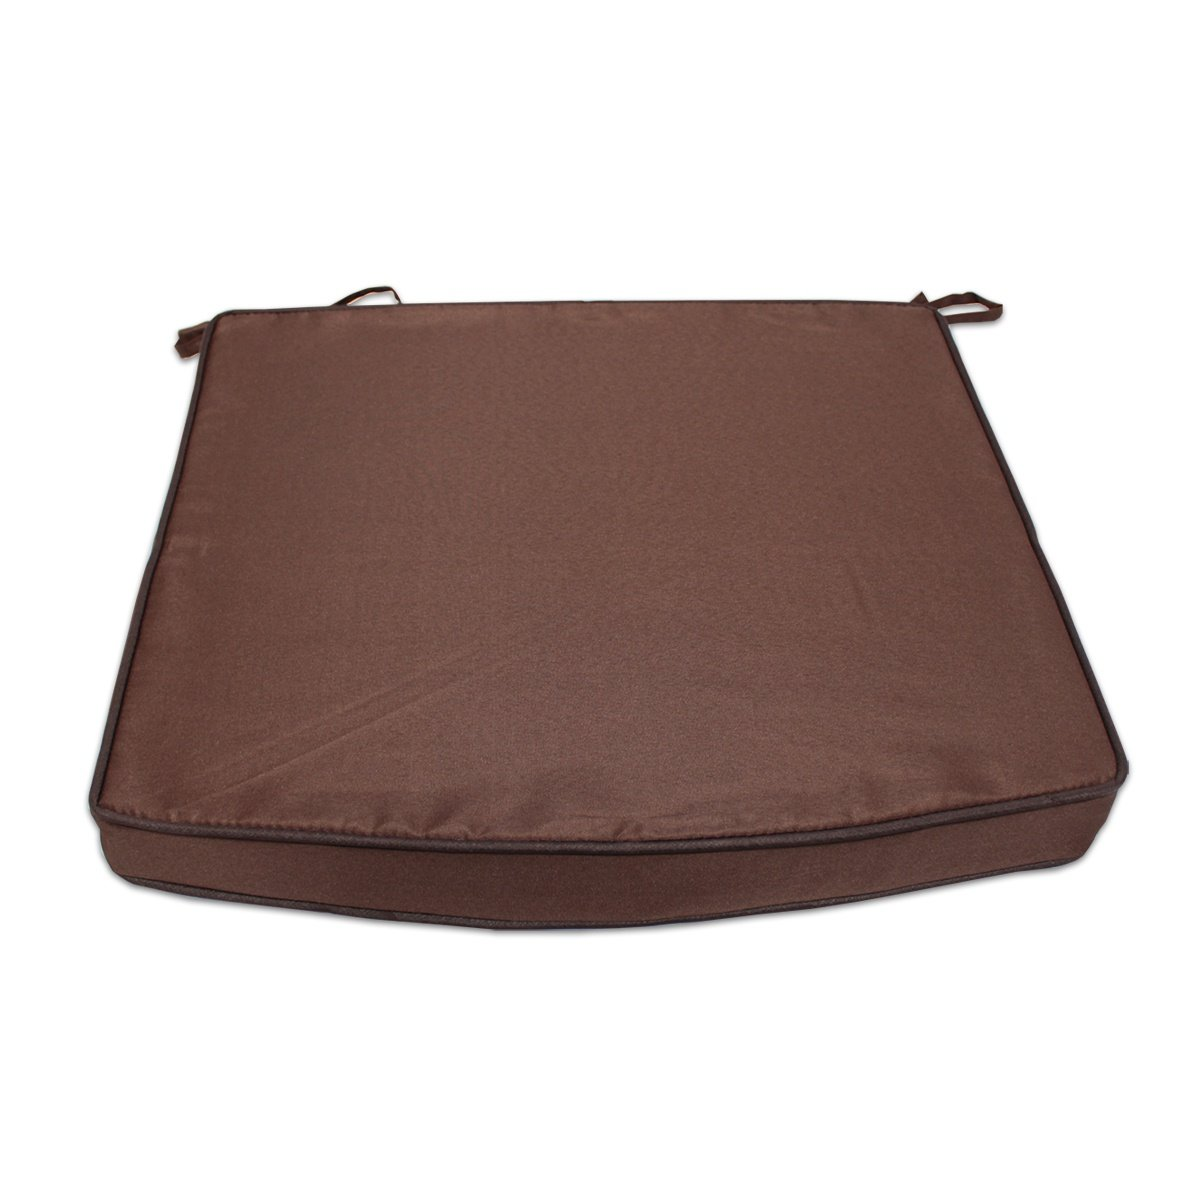 Coussin Chocolat pour fauteuils fixes